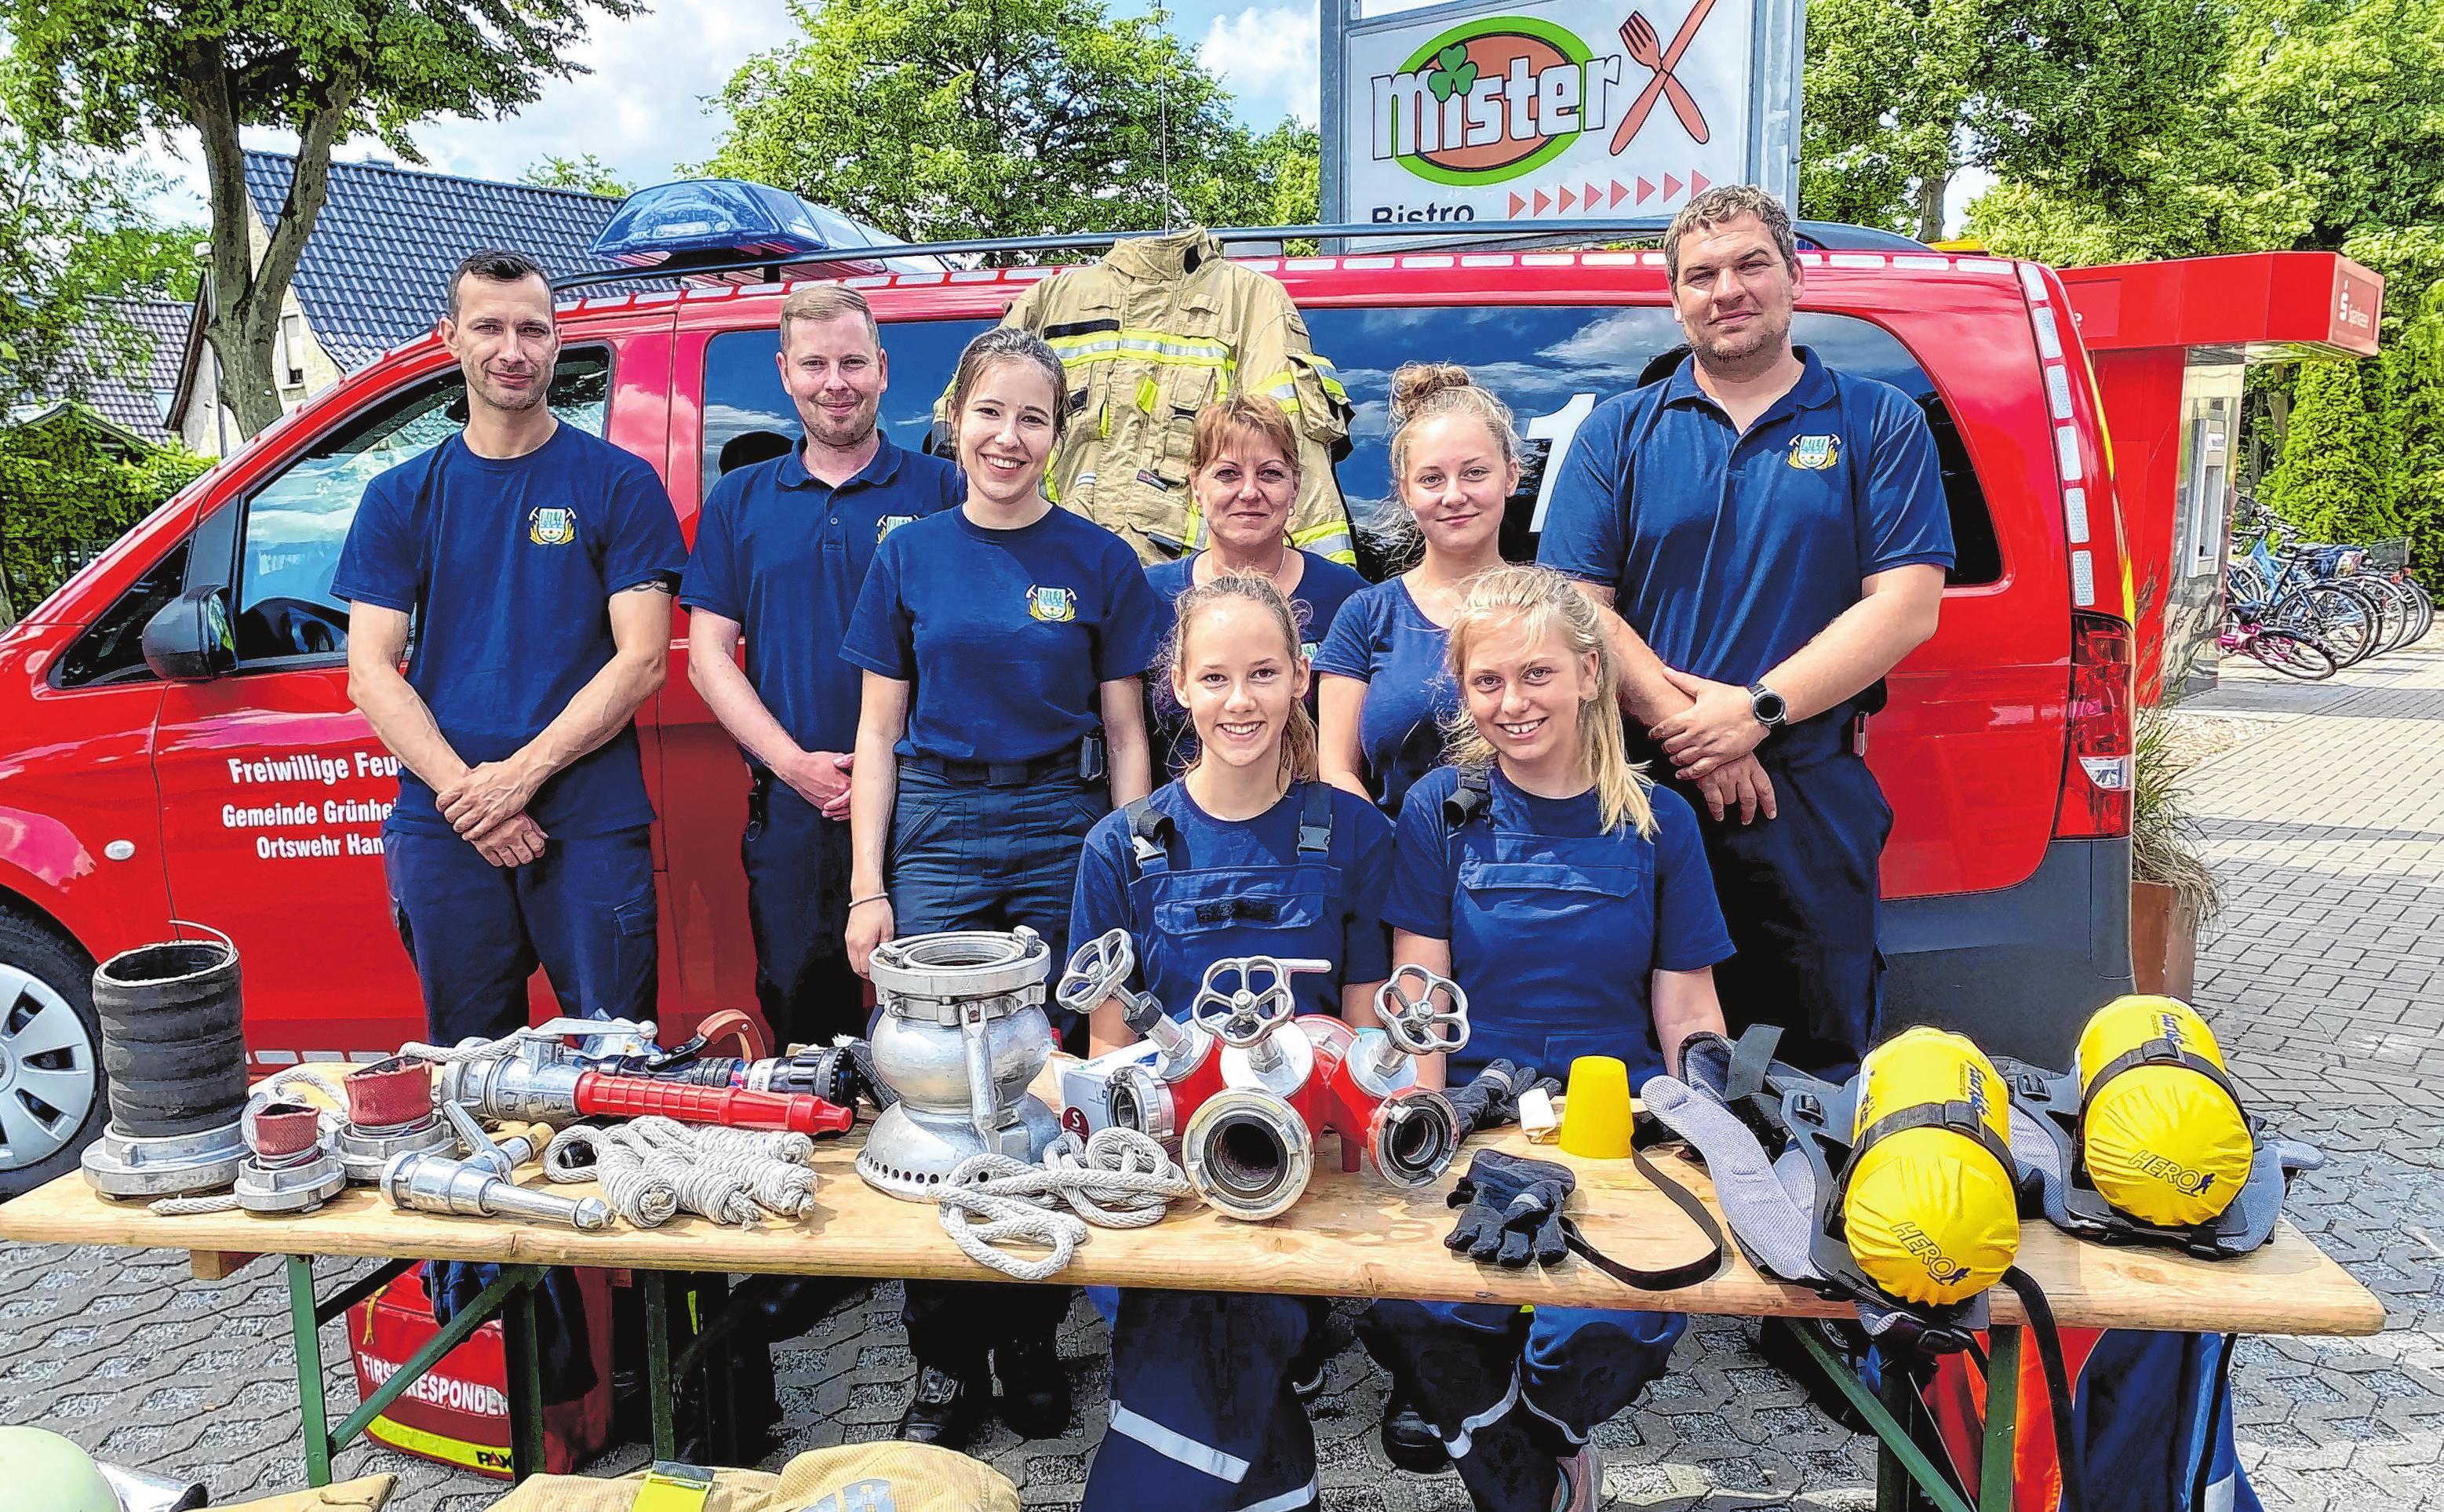 Die Freiwillige Feuerwehr von Hangelsberg präsentierte einen Info-Stand, an dem sie ihr Equipment vorstellte und Verbandsszenen nachgestellt wurden. Die Kids fuhren im Feuerwehrauto durch den Ort. Fotos (7): Alexander Winkler